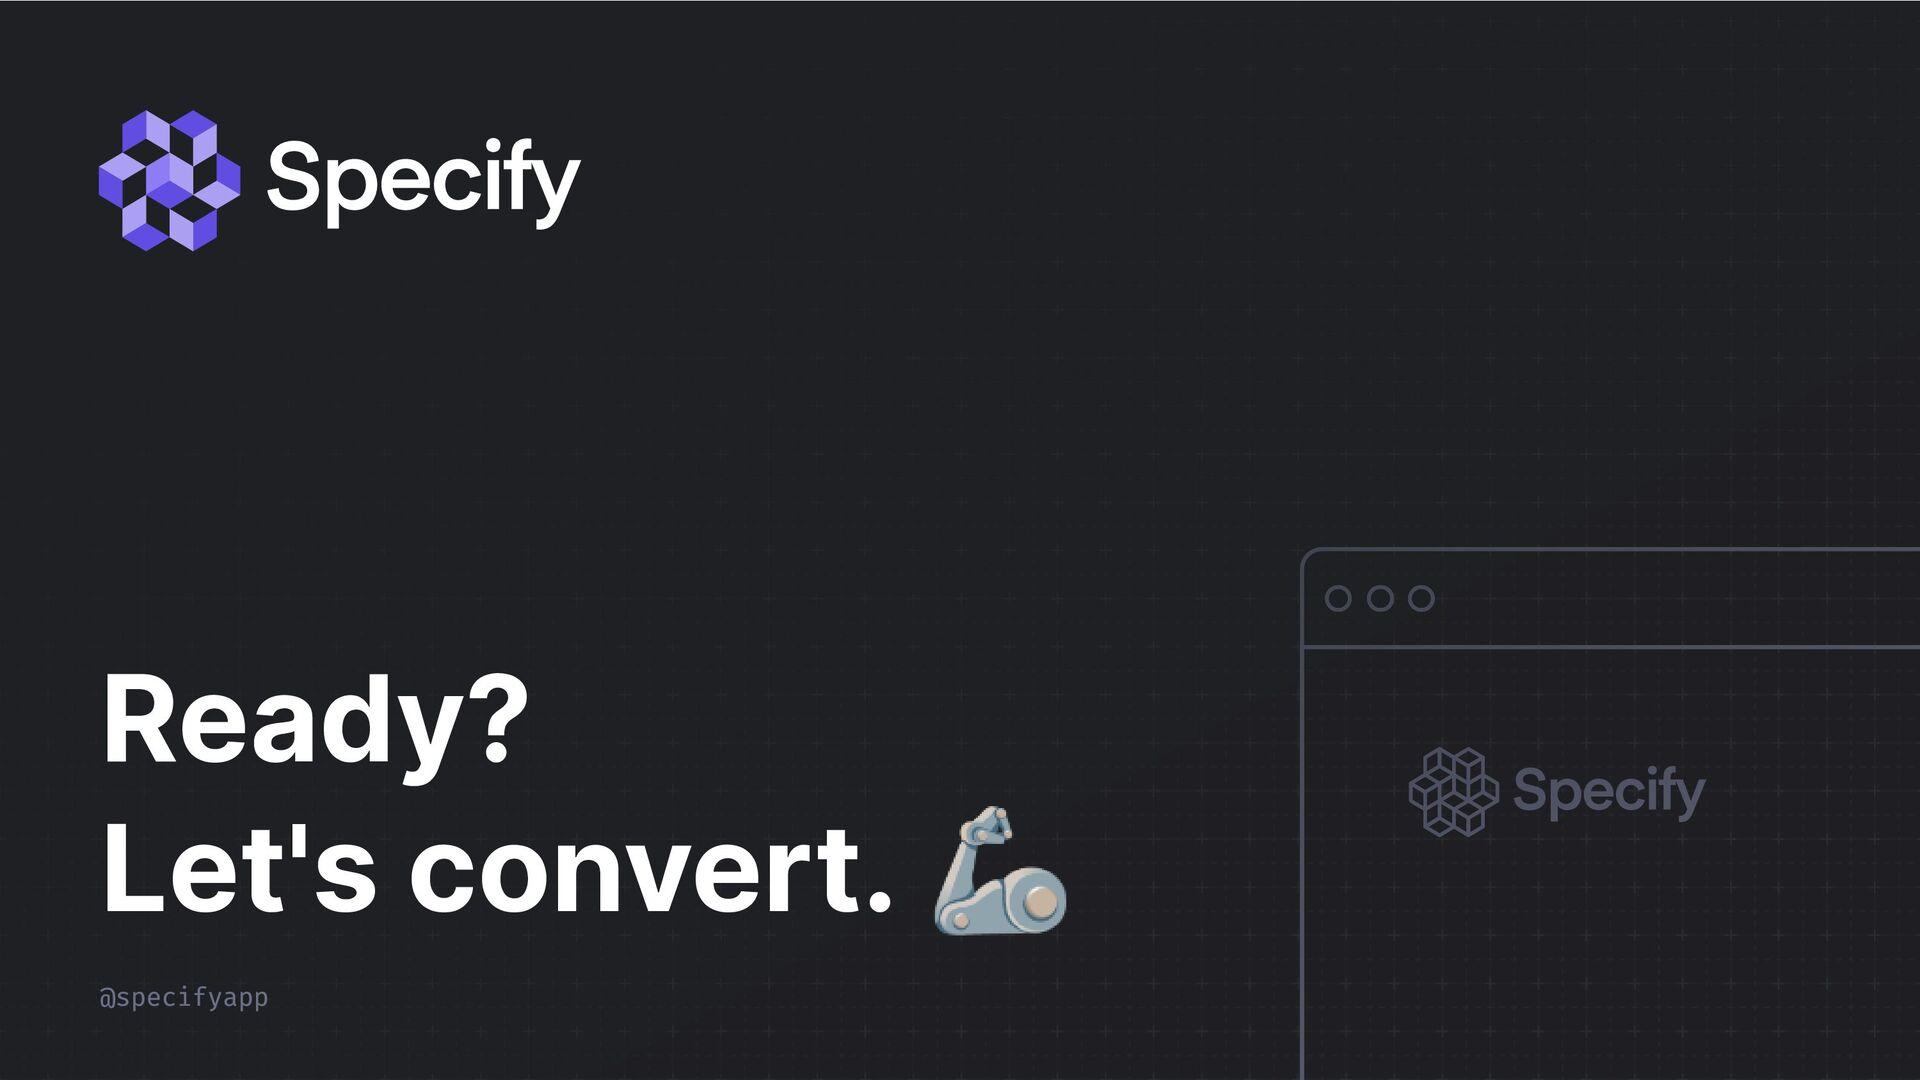 Inspire action. @fmerian Slite